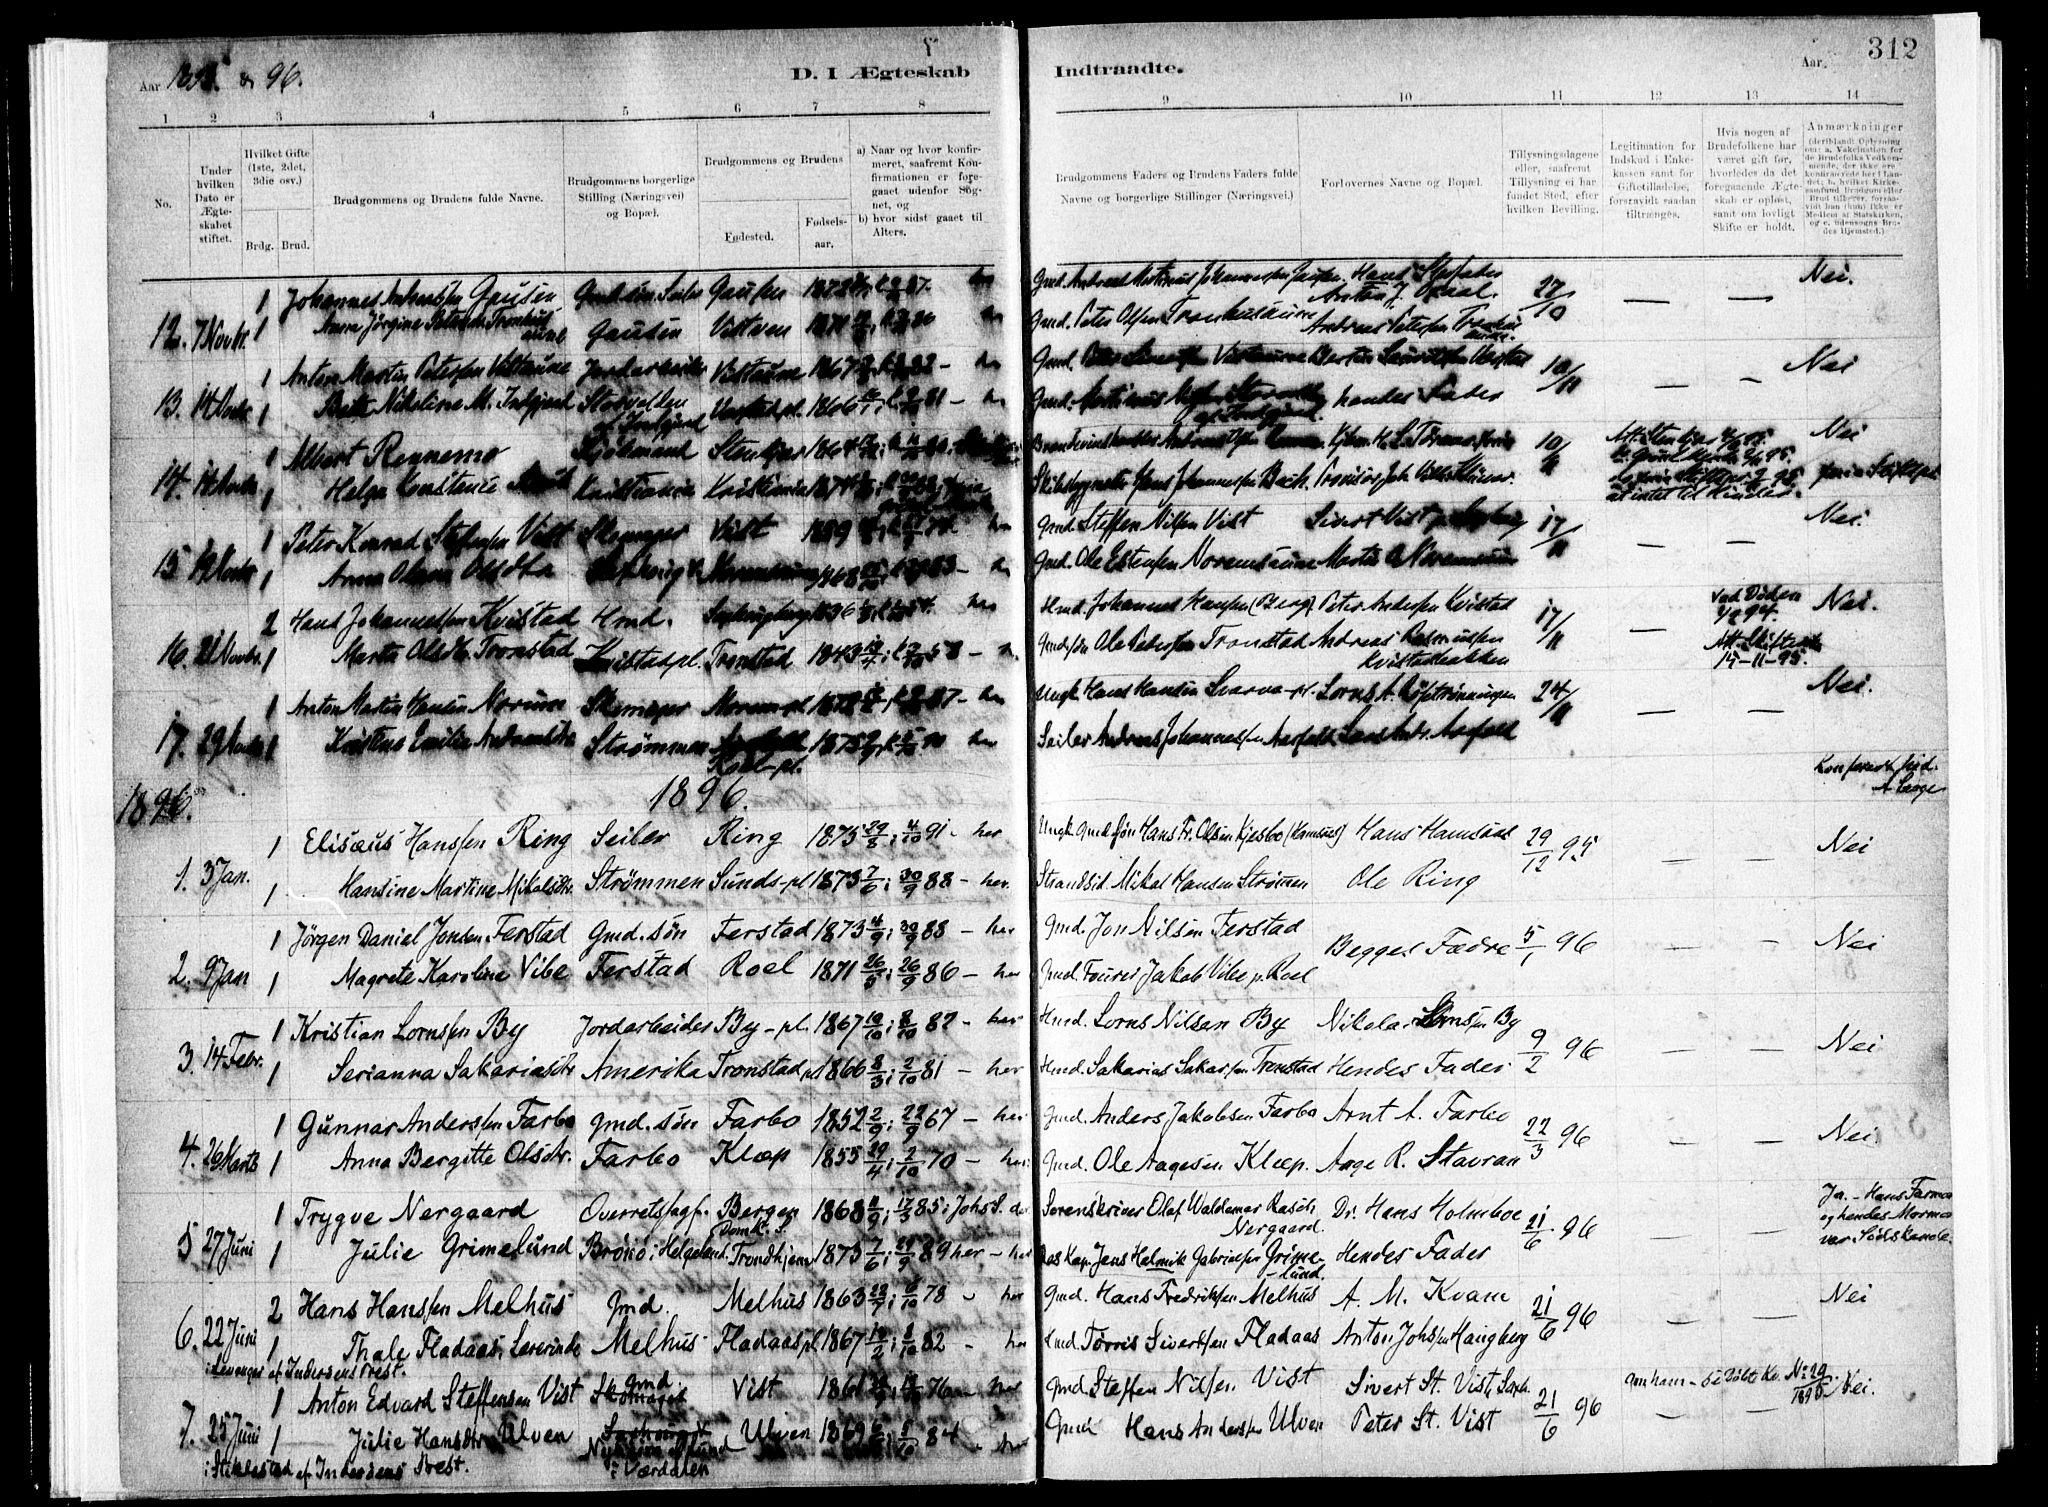 SAT, Ministerialprotokoller, klokkerbøker og fødselsregistre - Nord-Trøndelag, 730/L0285: Ministerialbok nr. 730A10, 1879-1914, s. 312